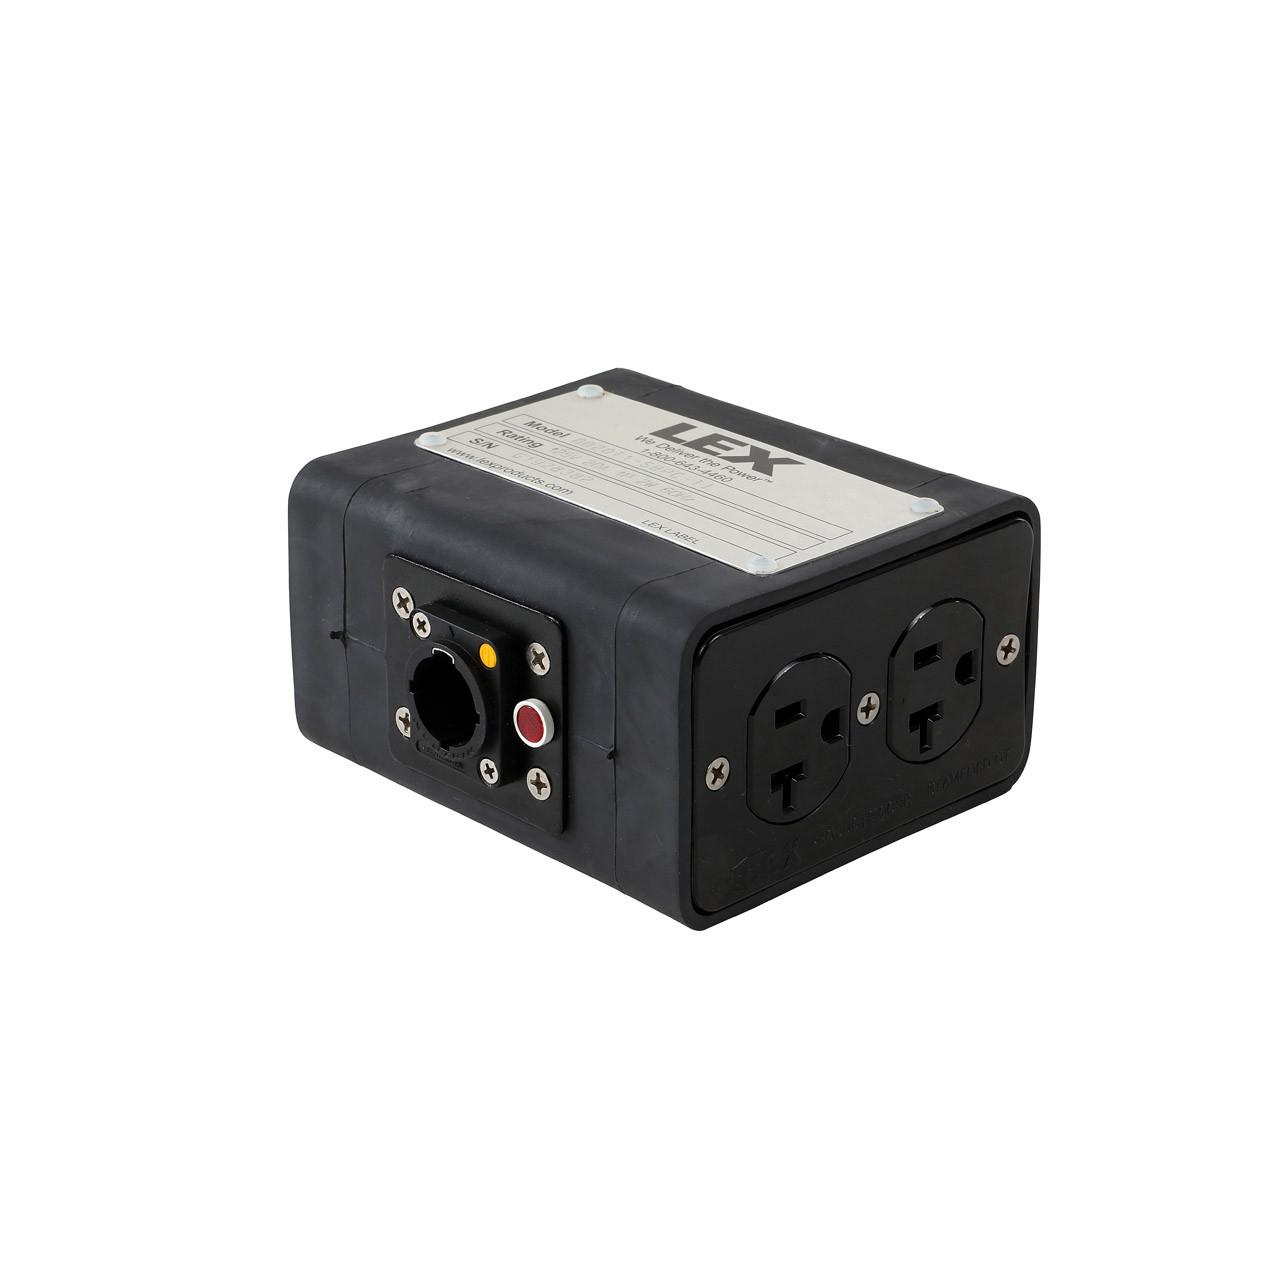 Lex Powercon True 1 Quad box